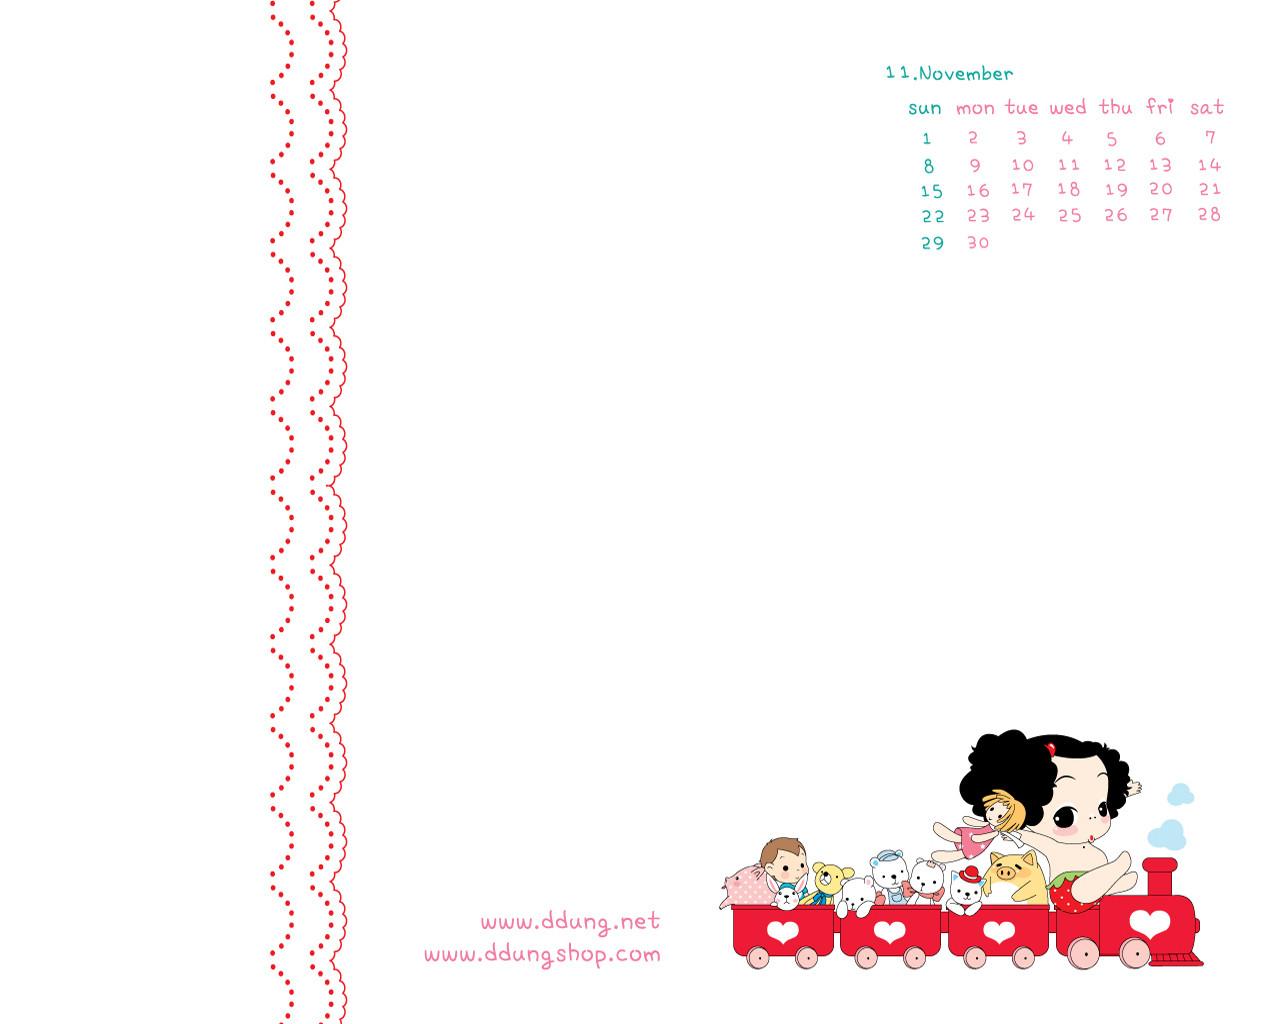 可爱的迷糊娃娃卡通月历壁纸图片素材(20p)[中国资源